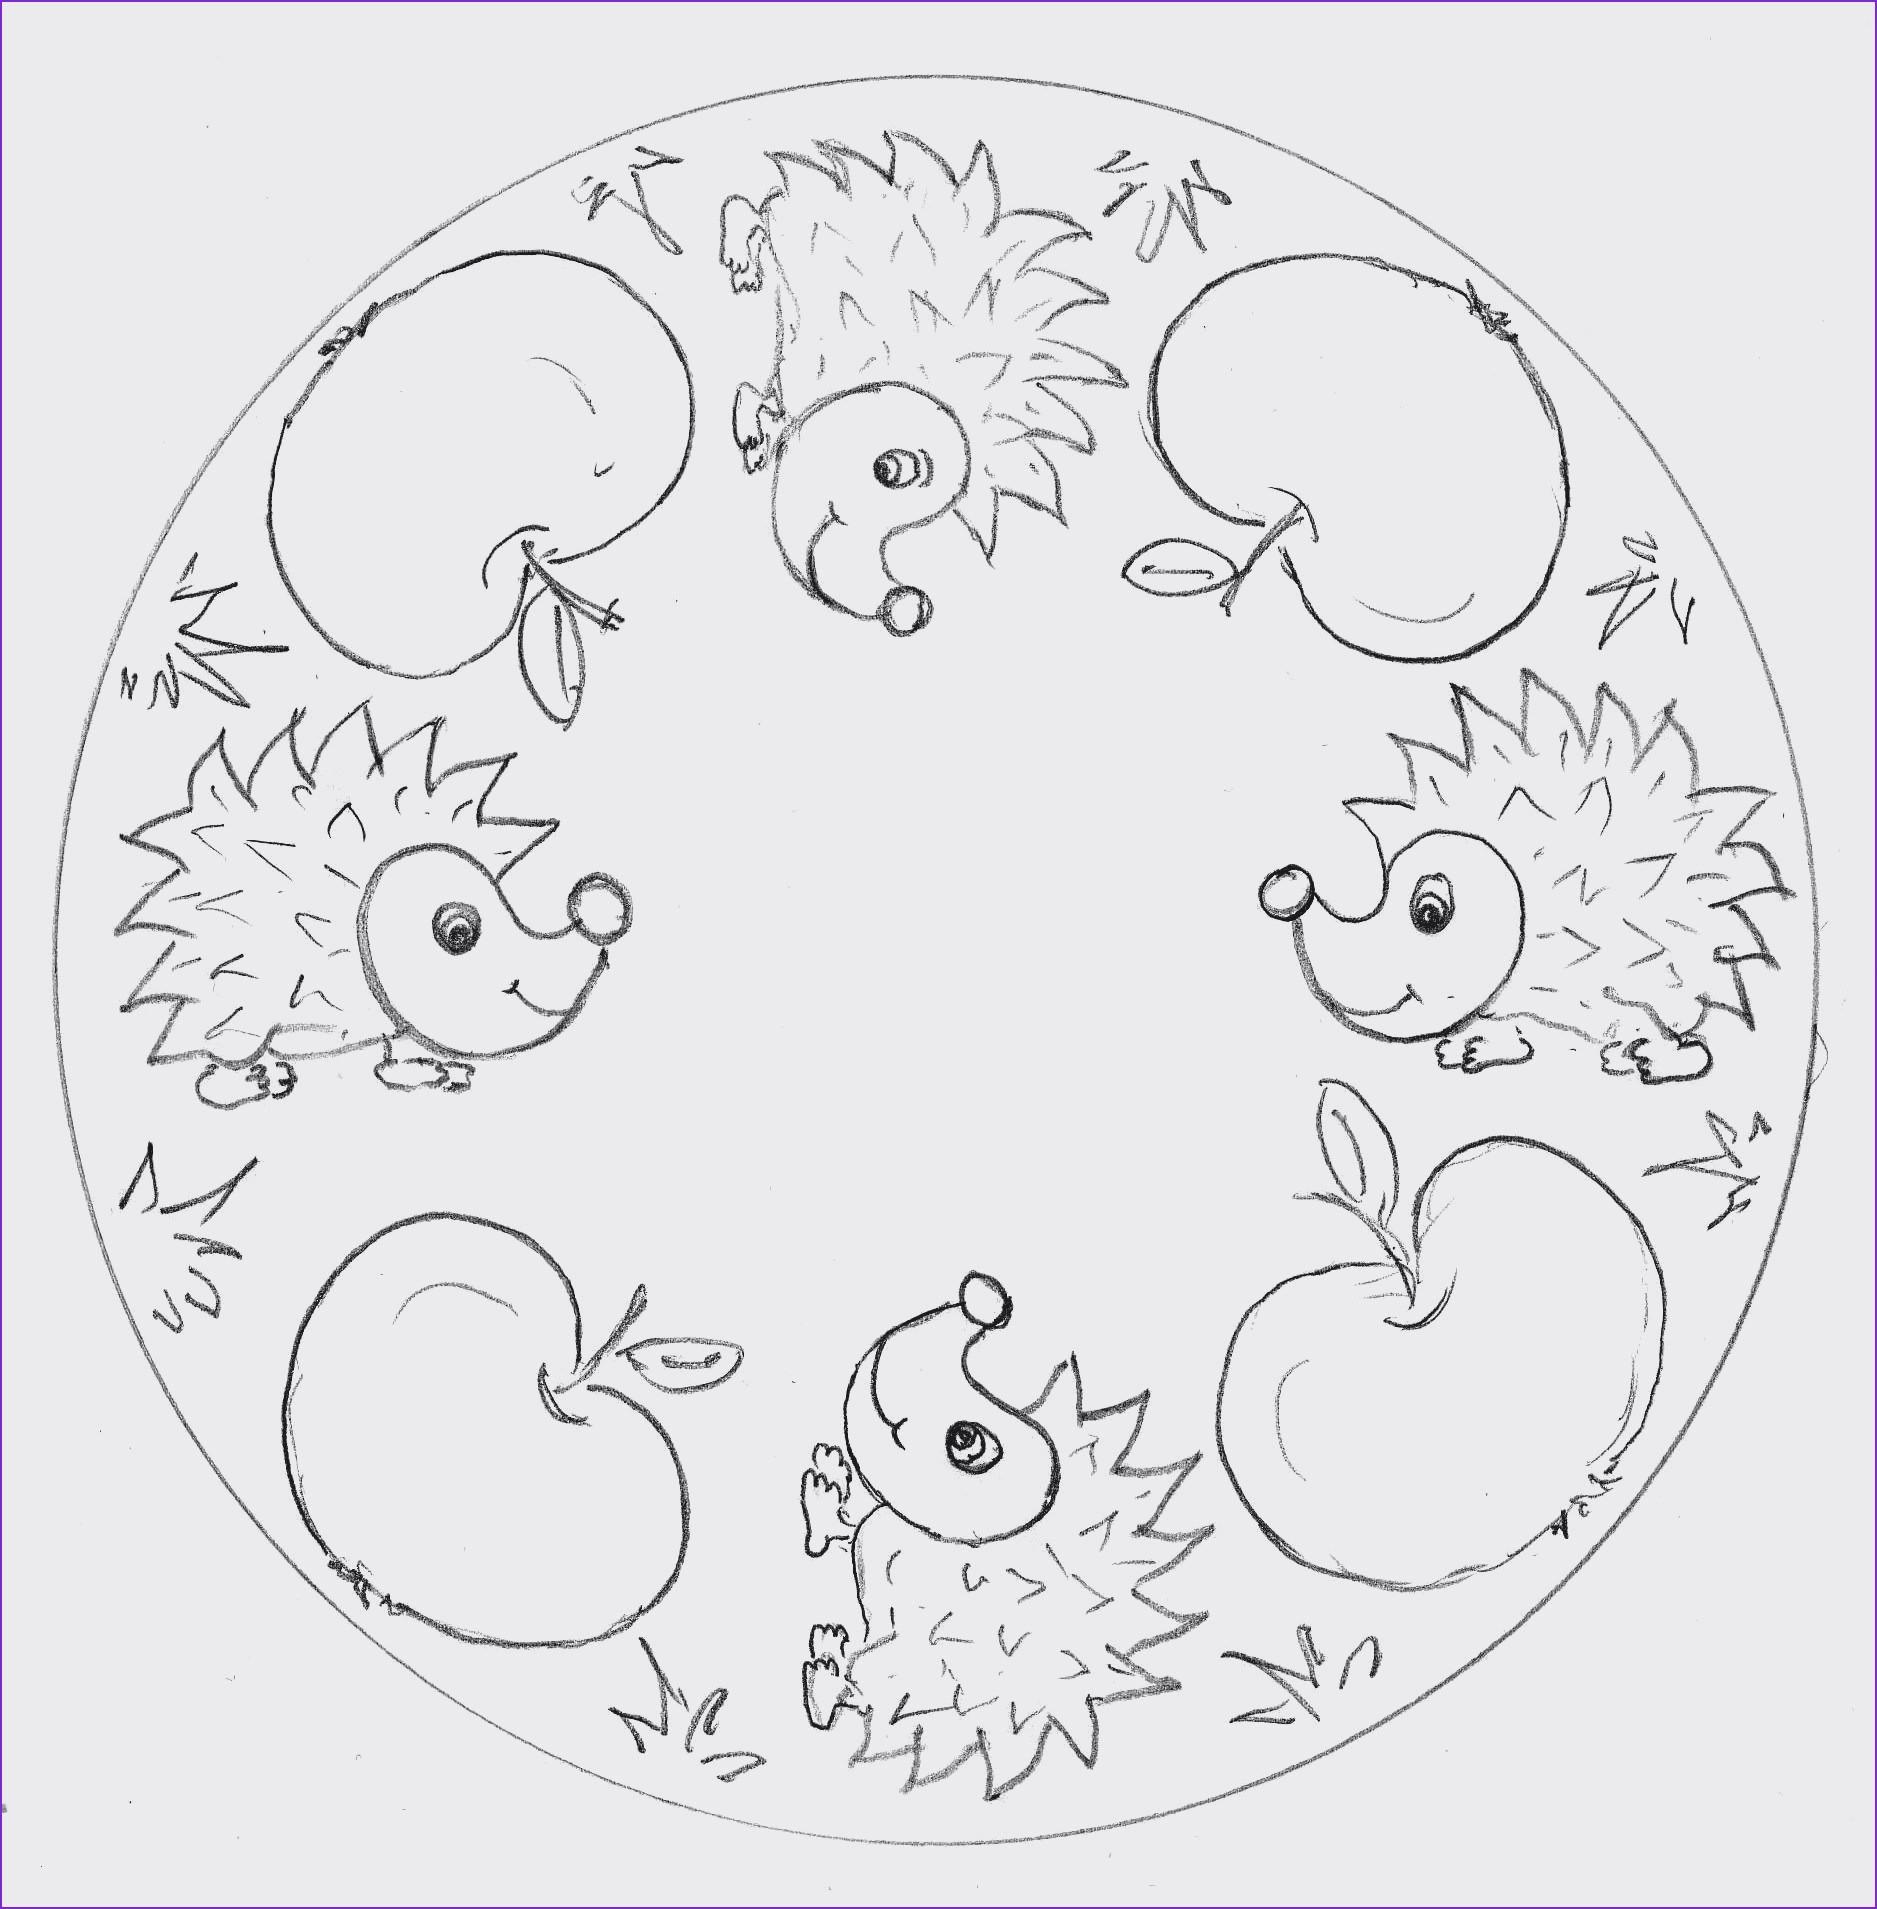 Ausmalbilder Mandala Herzen Neu 40 Malvorlagen Mandala Scoredatscore Schön Ausmalbilder Mandala Sammlung